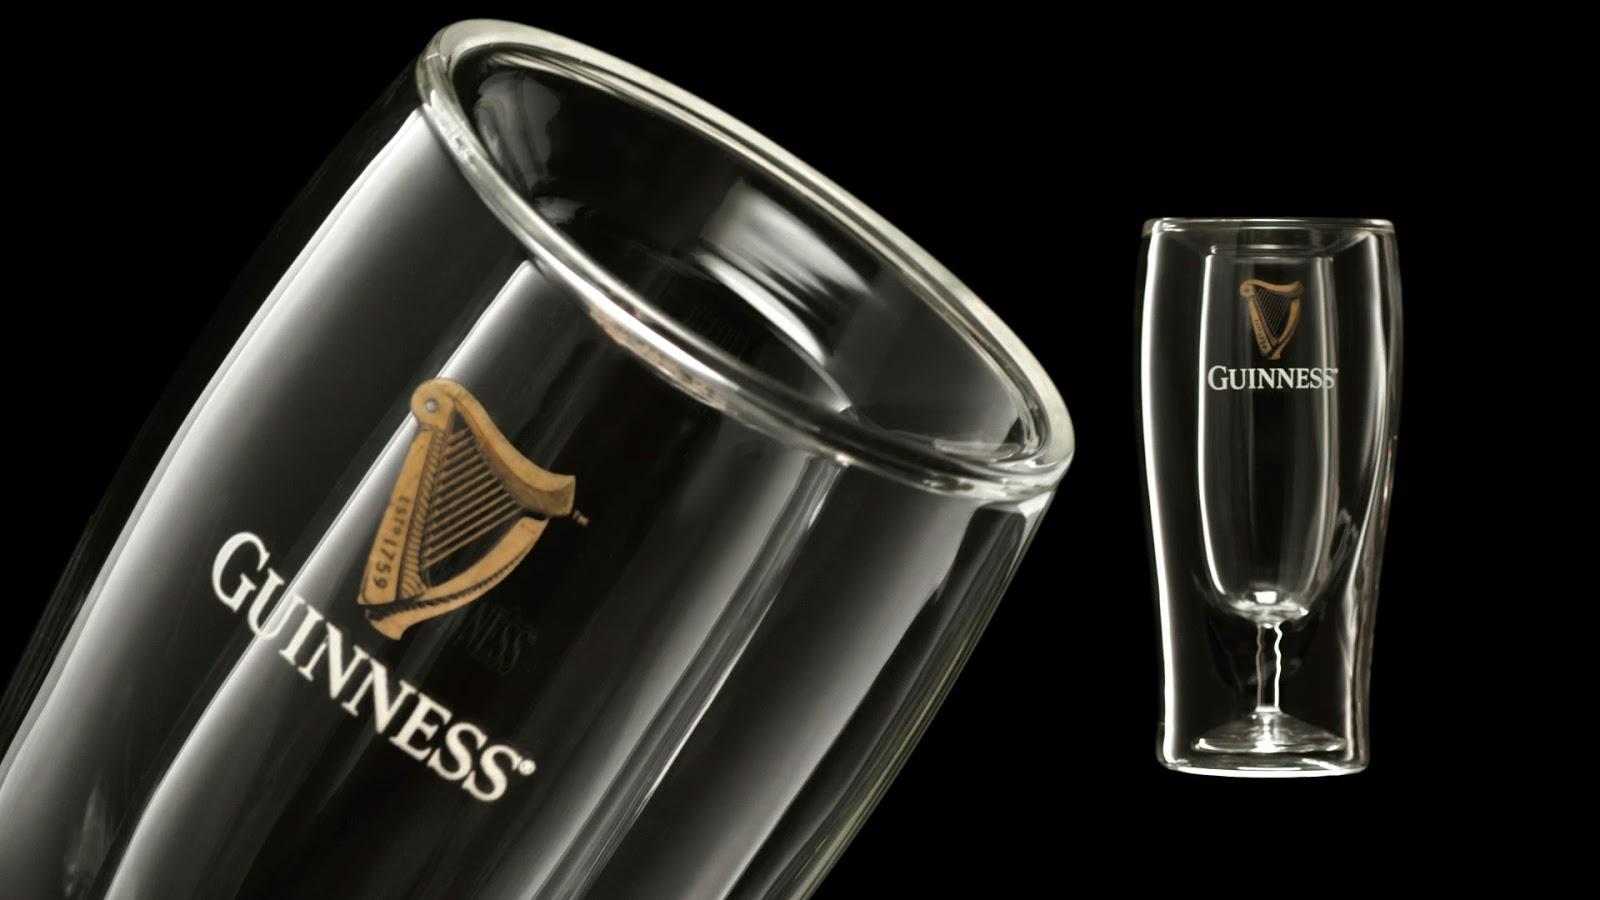 New Guinness Glass Design